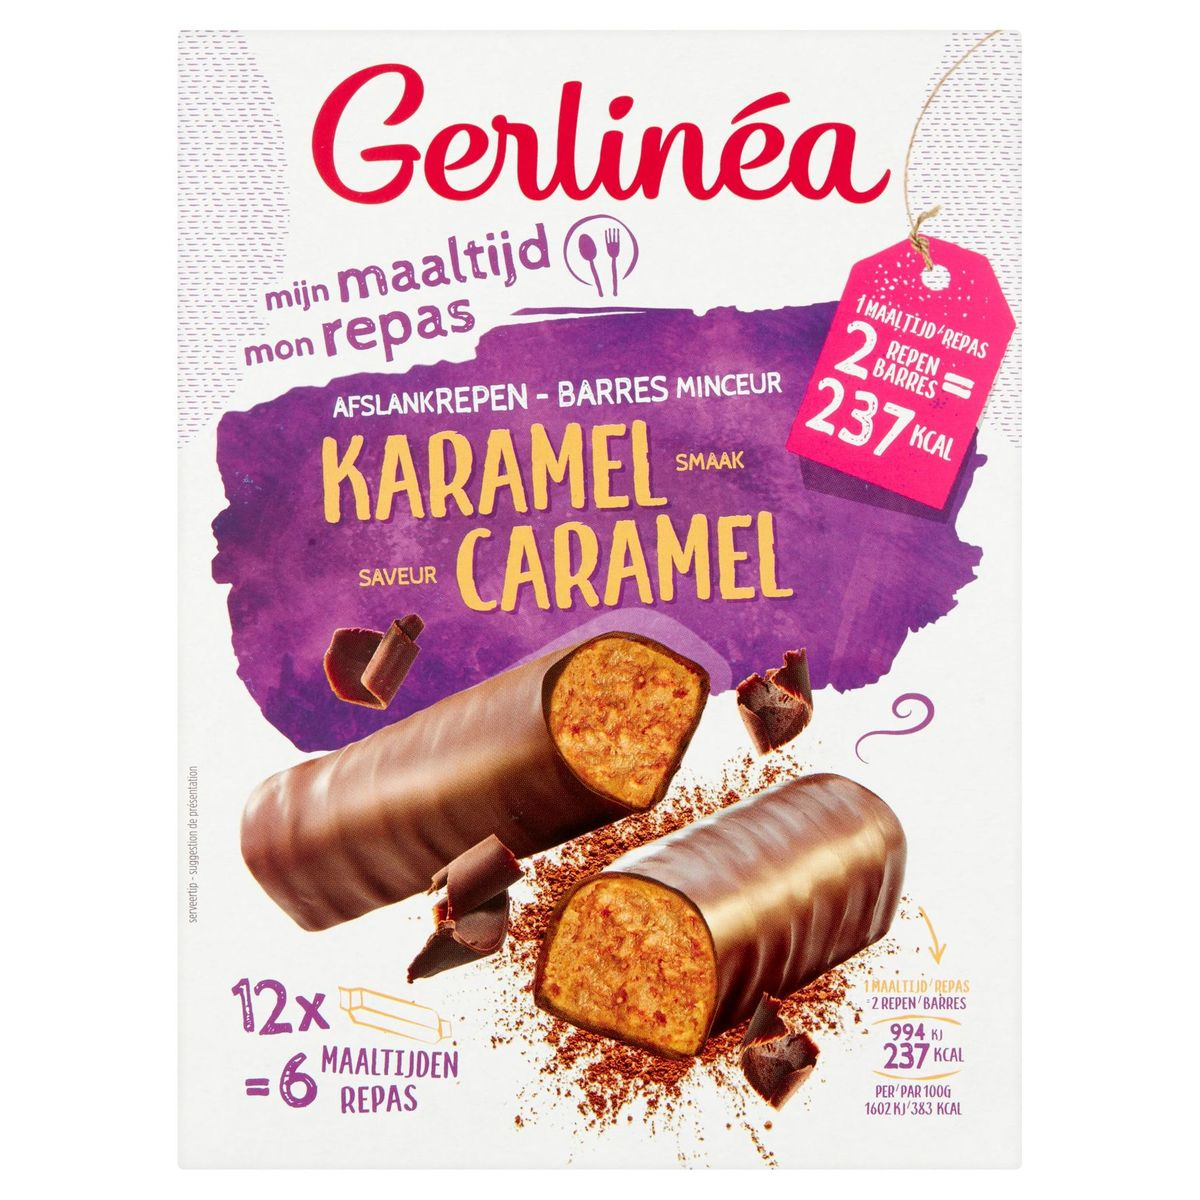 Gerlinéa Mon Repas Barres Minceur Saveur Caramel 12 x 31 g